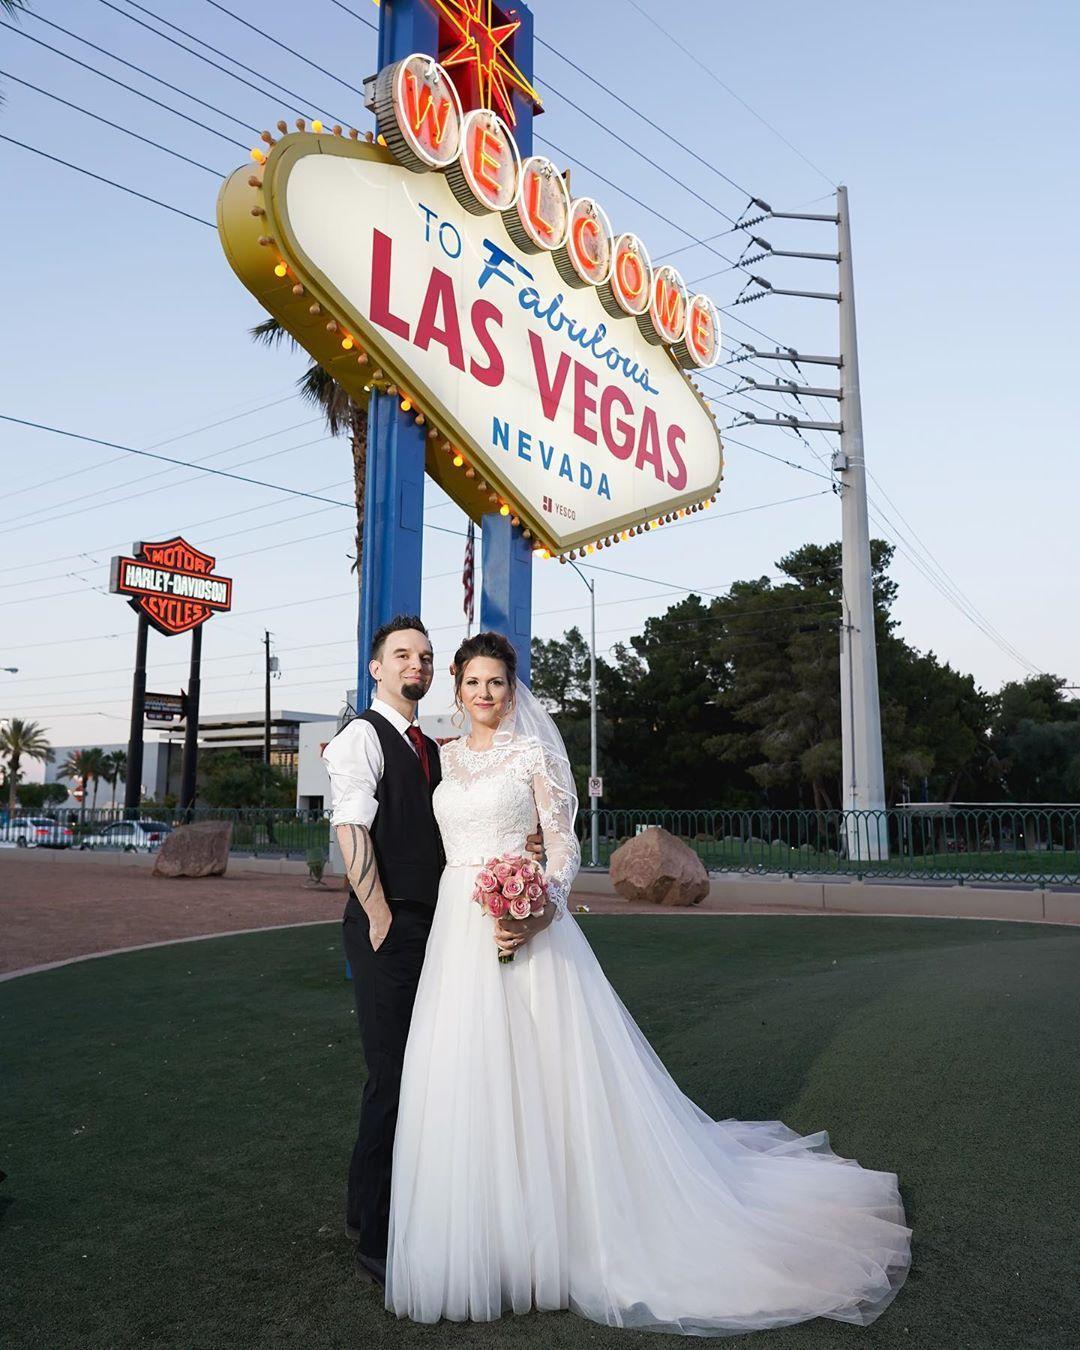 Hochzeit In Las Vegas In Deutschland Anerkannt